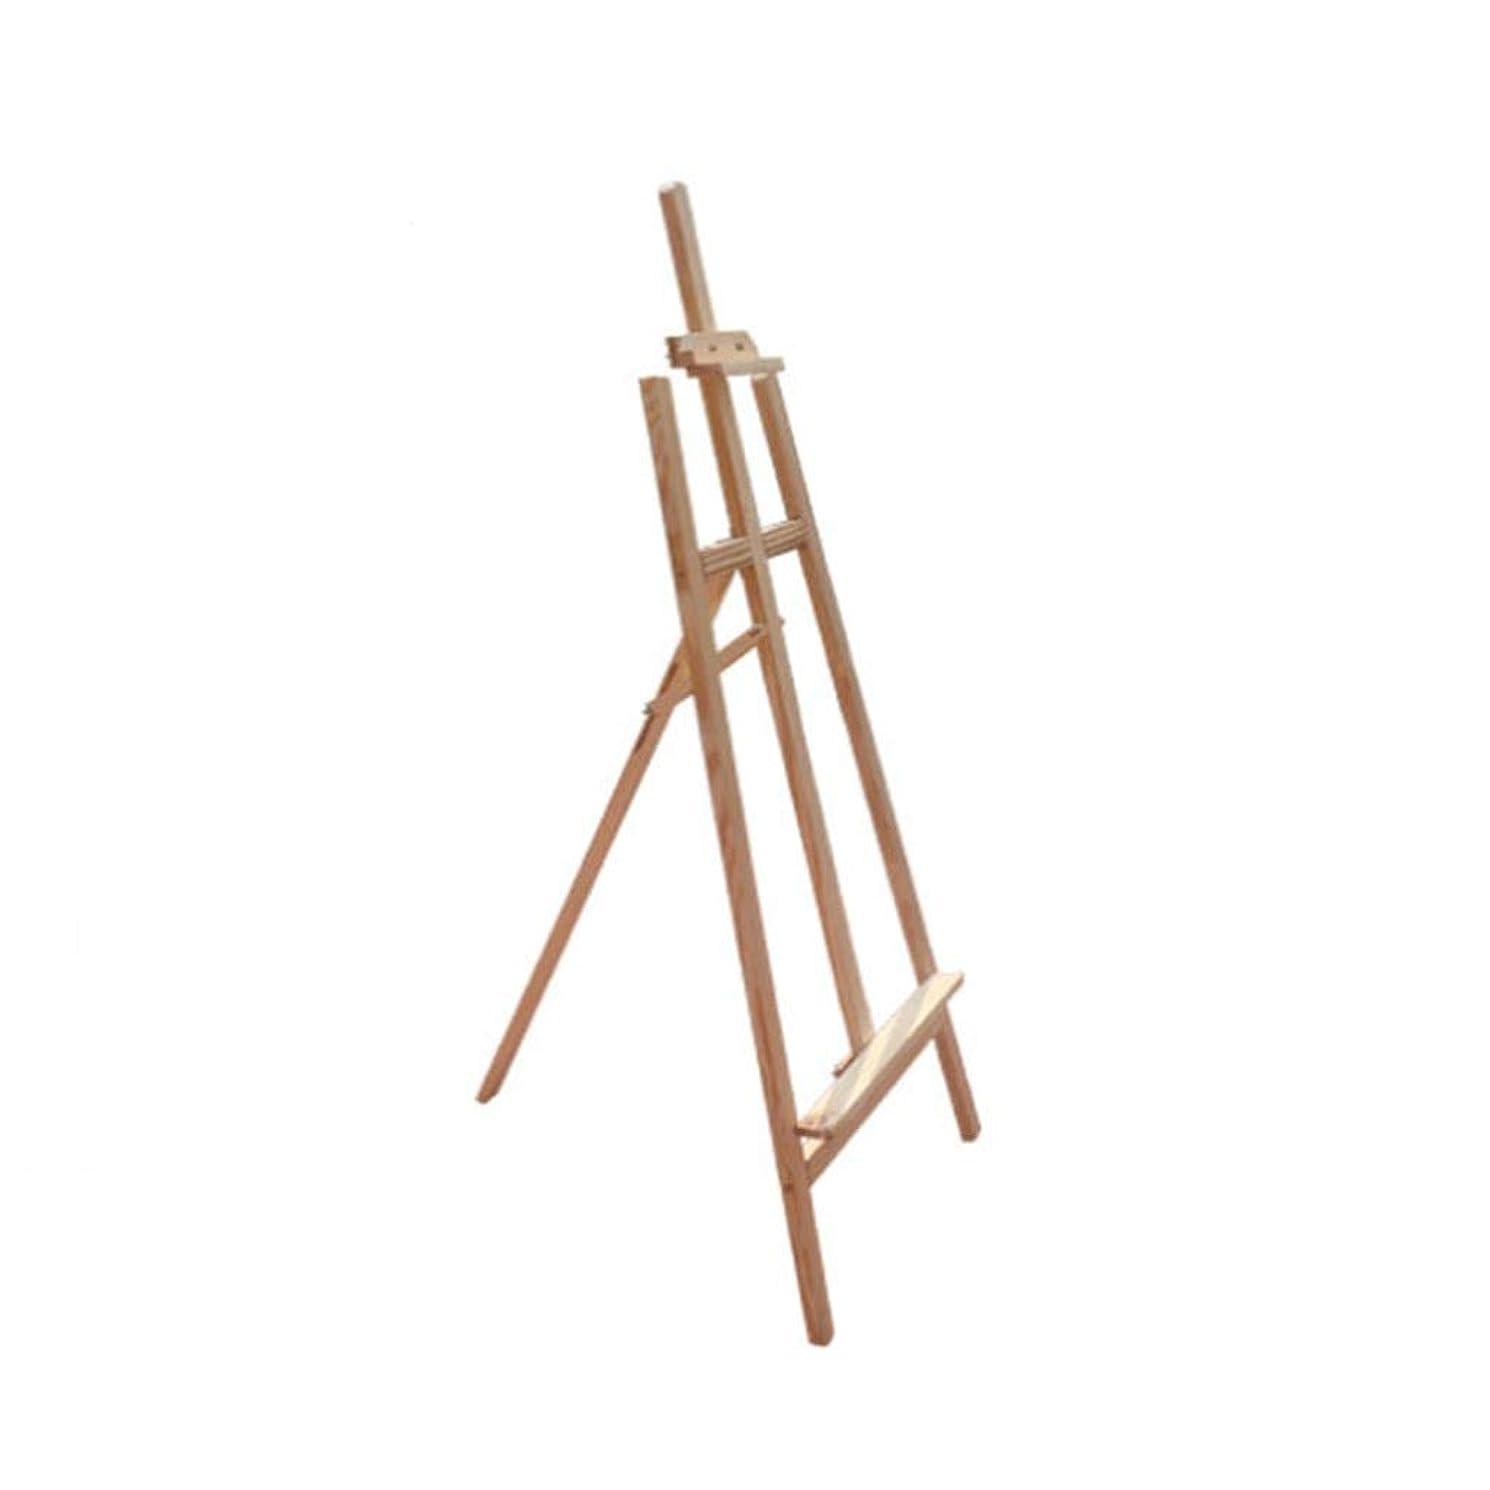 準拠行為脆いイーゼルスタンド-アート ディスプレイスタンドポスターフレーム木製POPイーゼルソリッドウッドディスプレイスタンドKTボード広告スタンド垂直フロアスタンド デスクトップ/床/図面およびディスプレイ用 YUAN MA (Size : 1.7m)